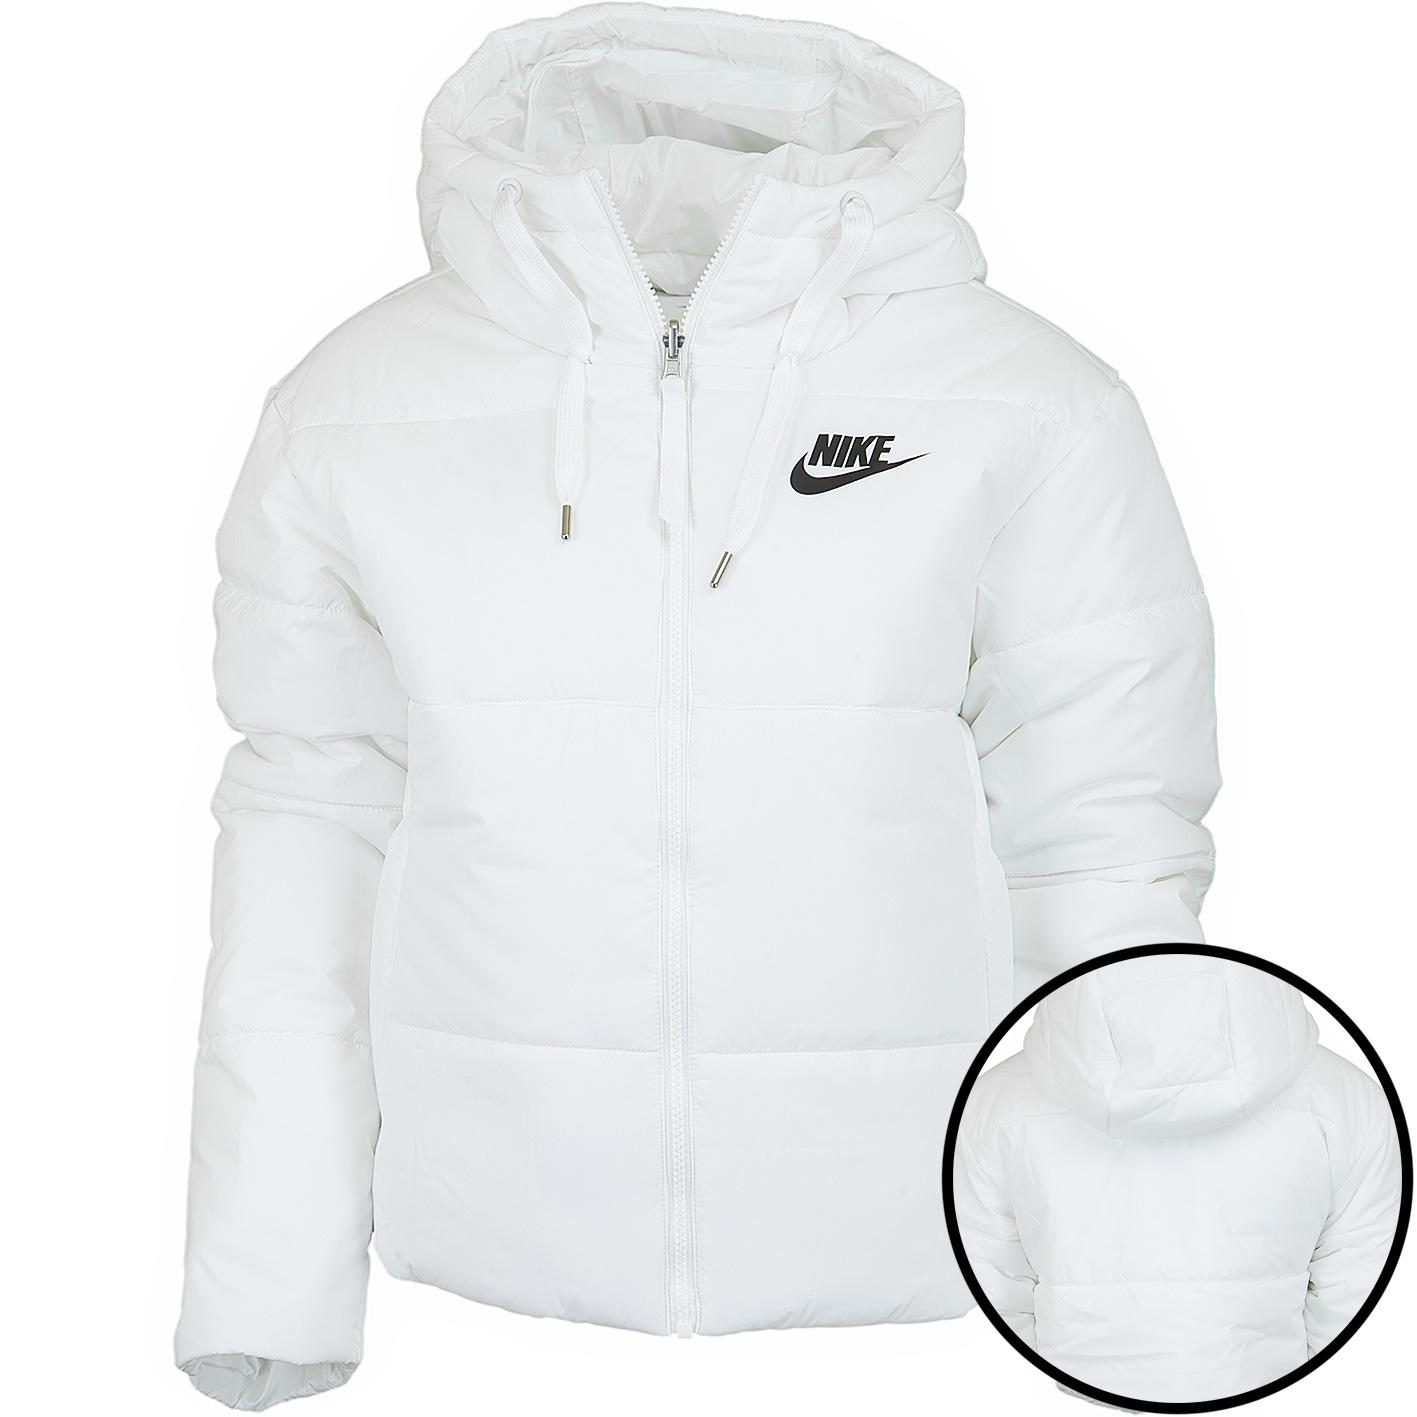 ☆ Nike Damen Jacke Syn Fill Rev weiß/schwarz - hier bestellen!